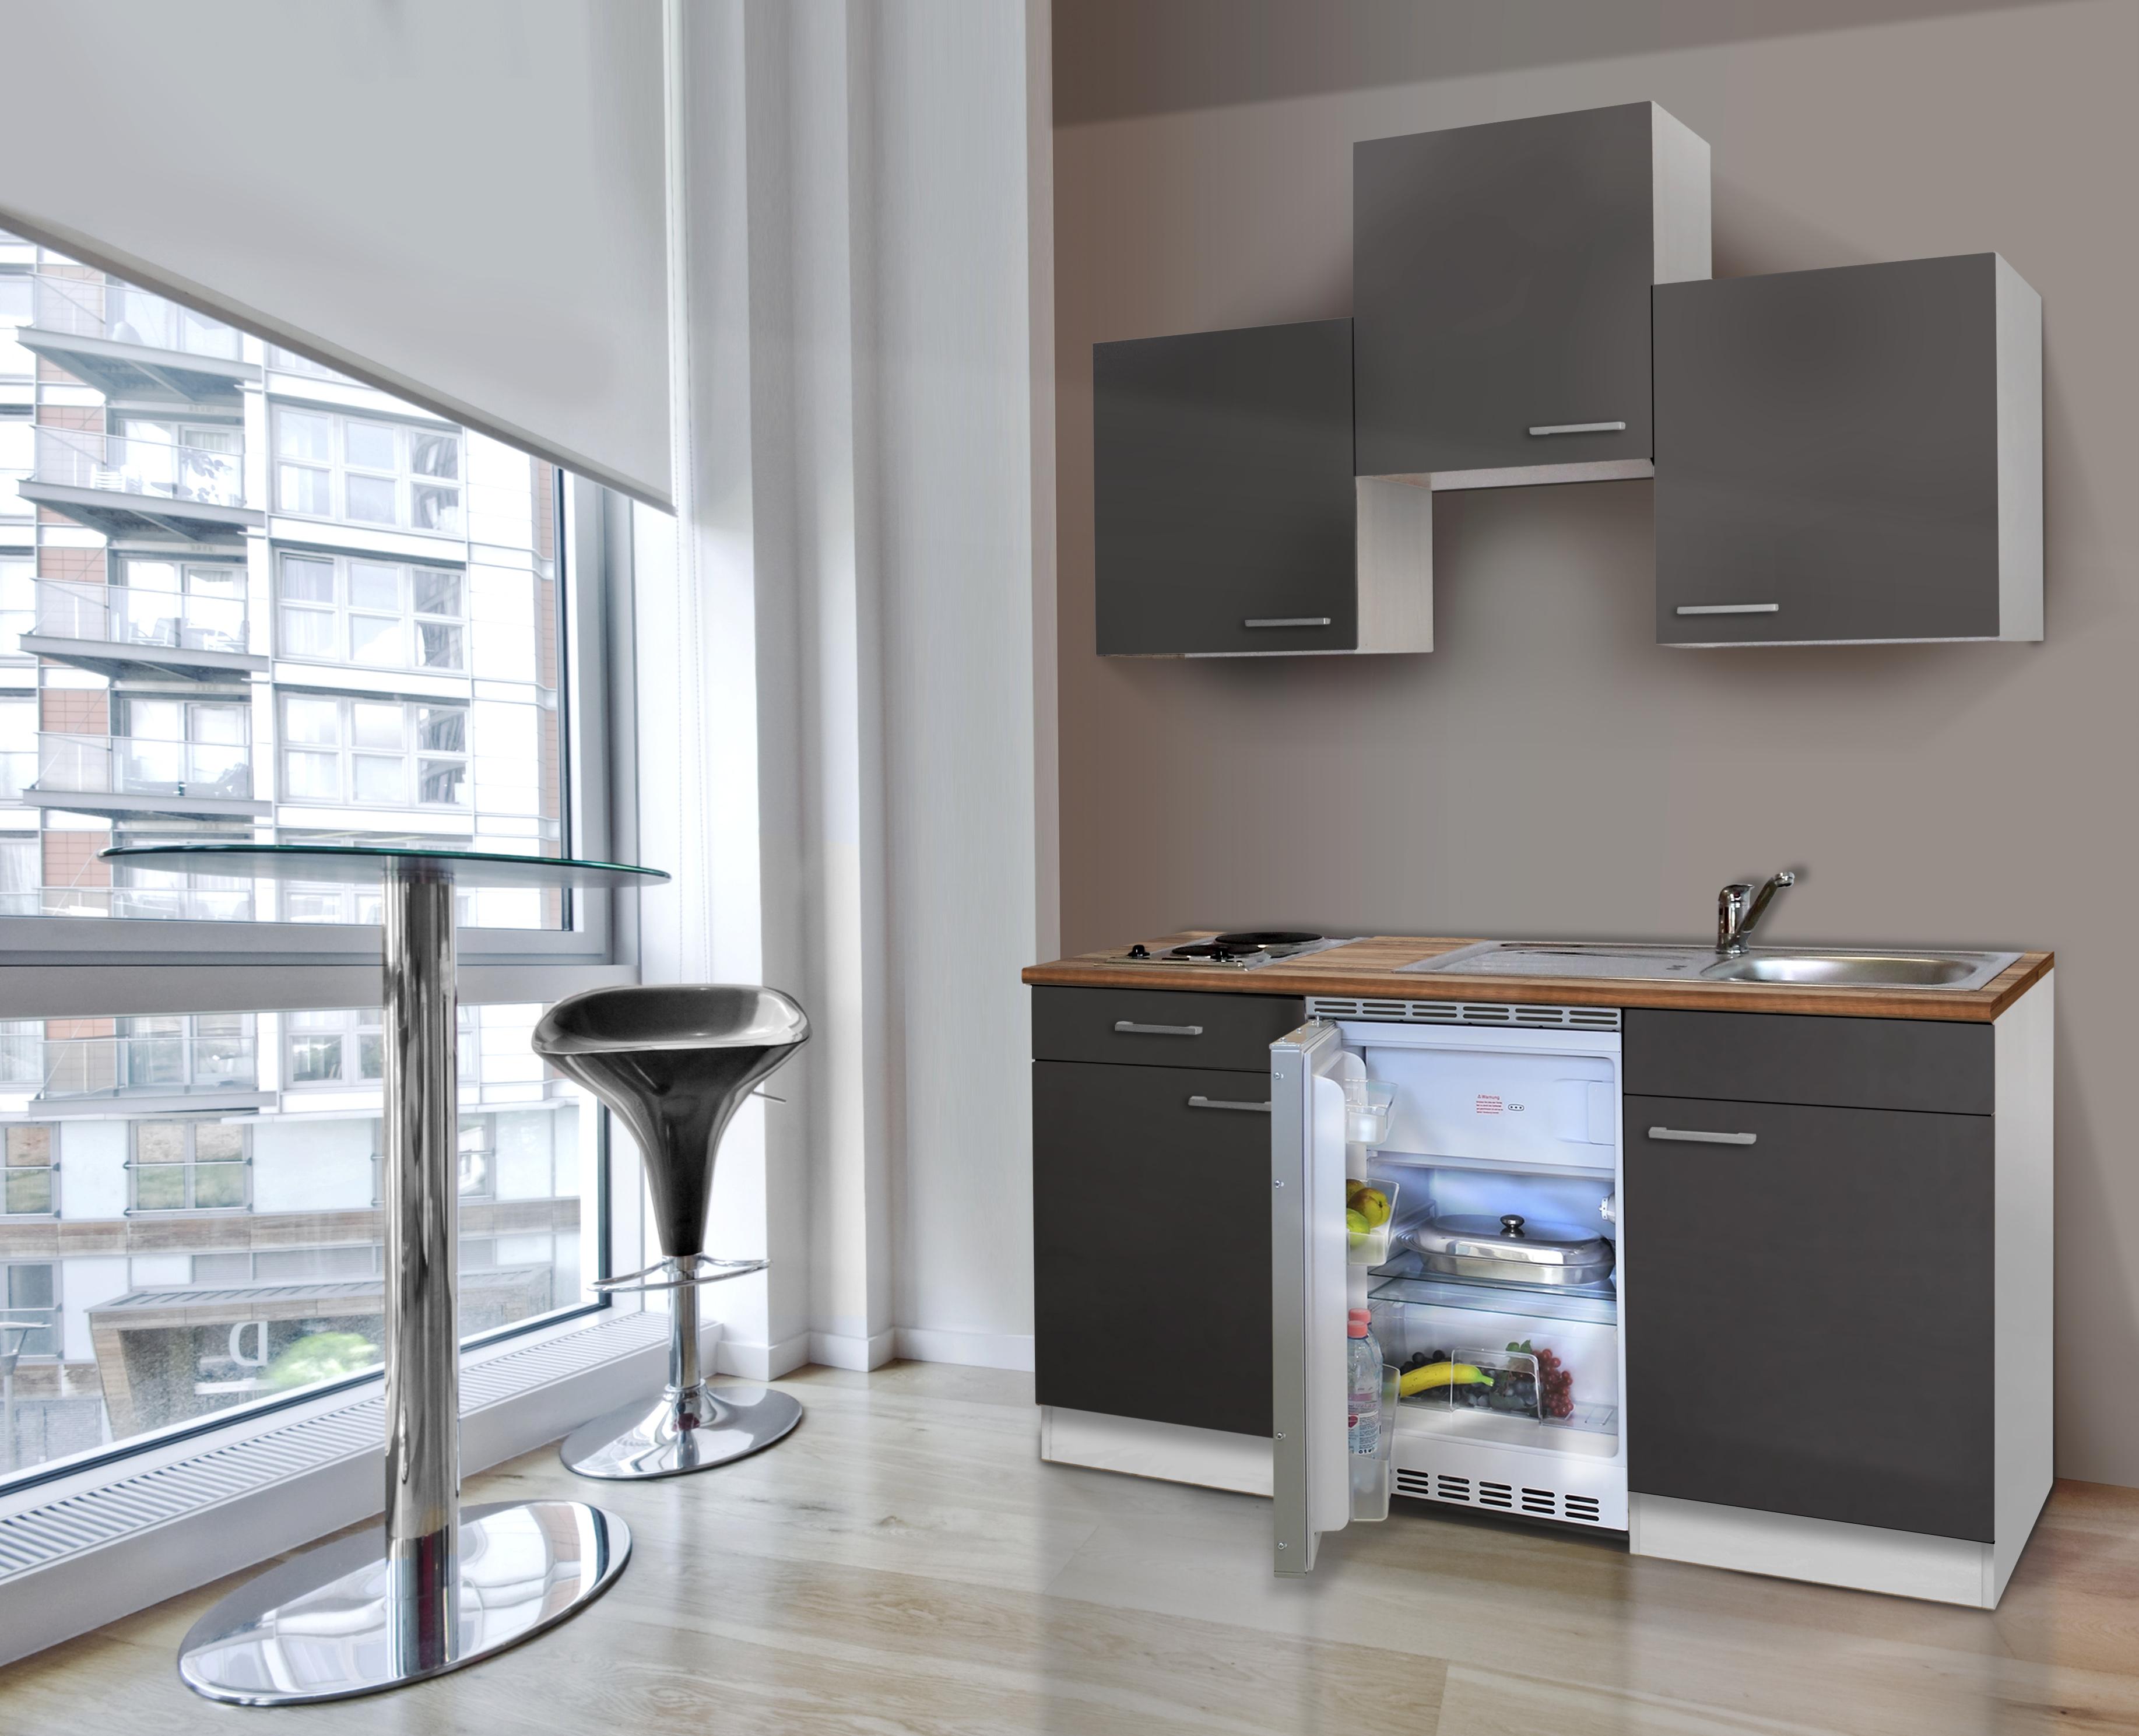 respekta Küche Miniküche Singleküche Küchenzeile Küchenblock 150 cm weiß grau